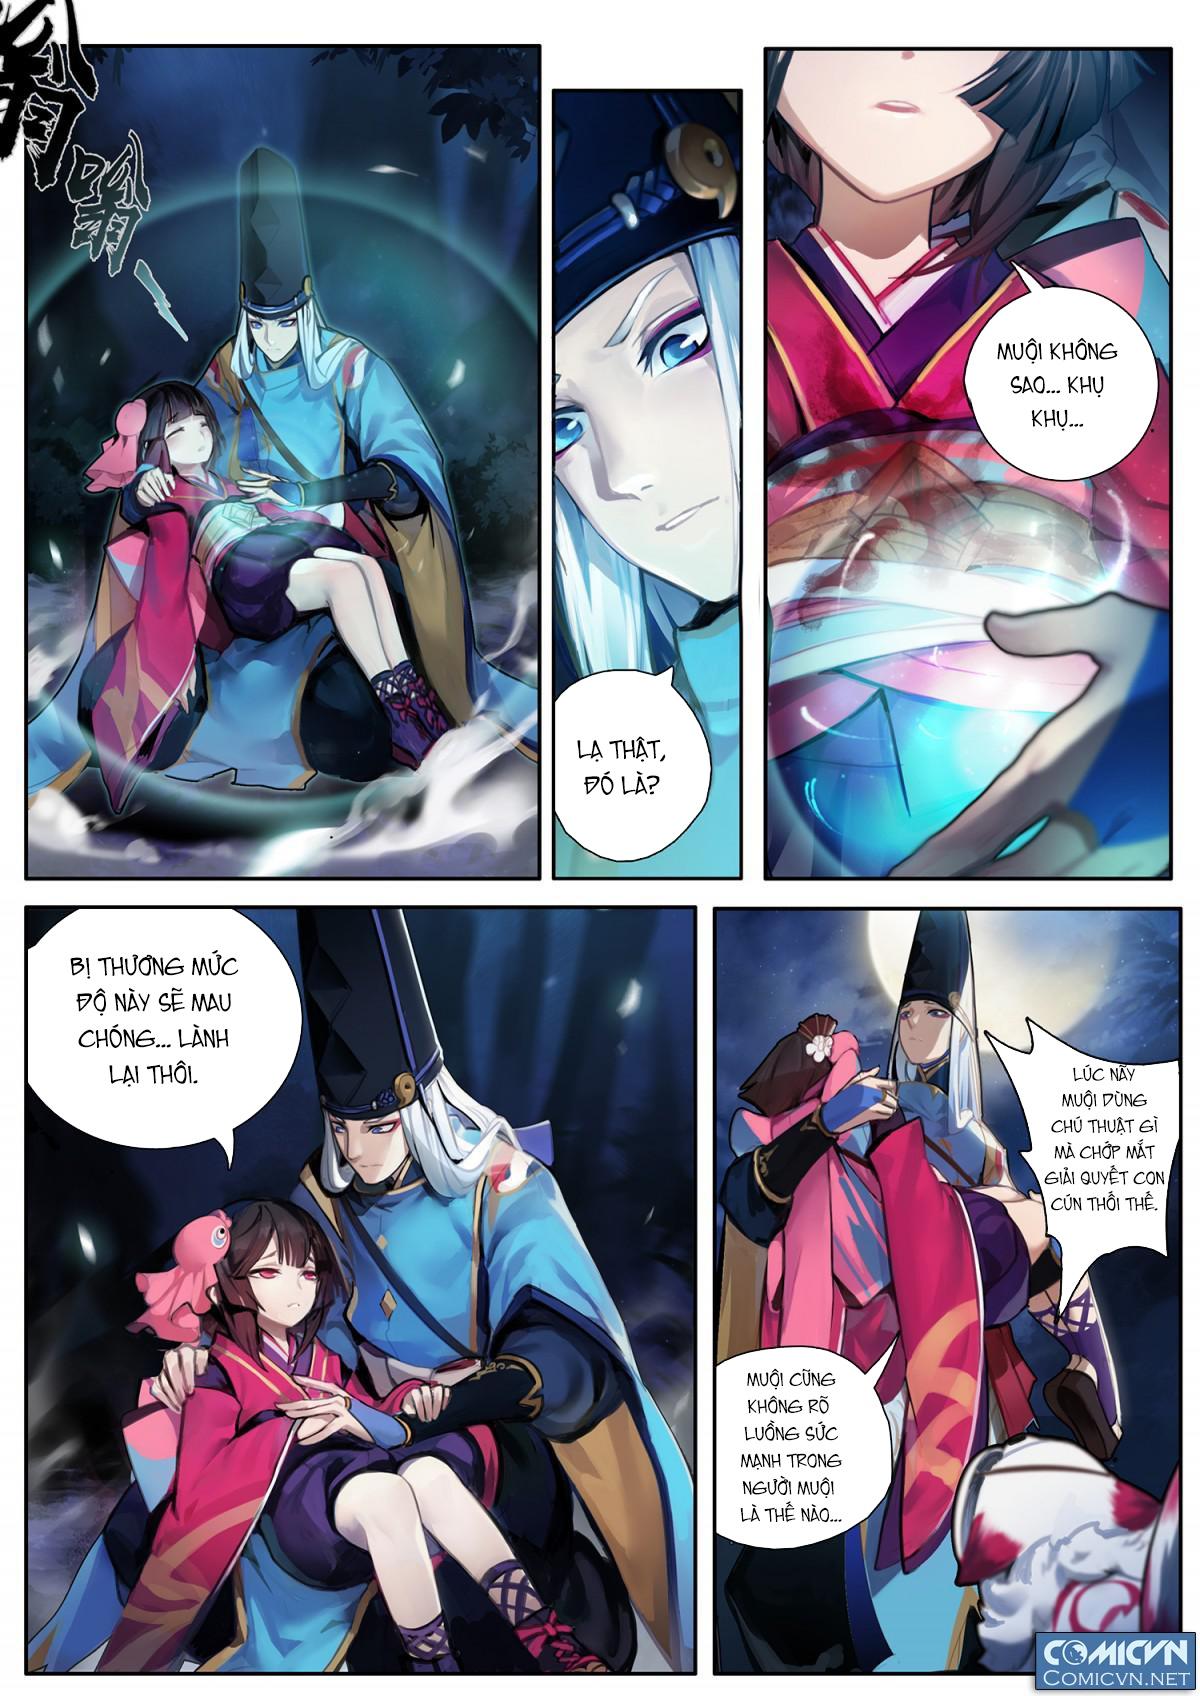 Onmyoji - Âm Dương Sư manga chap 3 - Trang 2